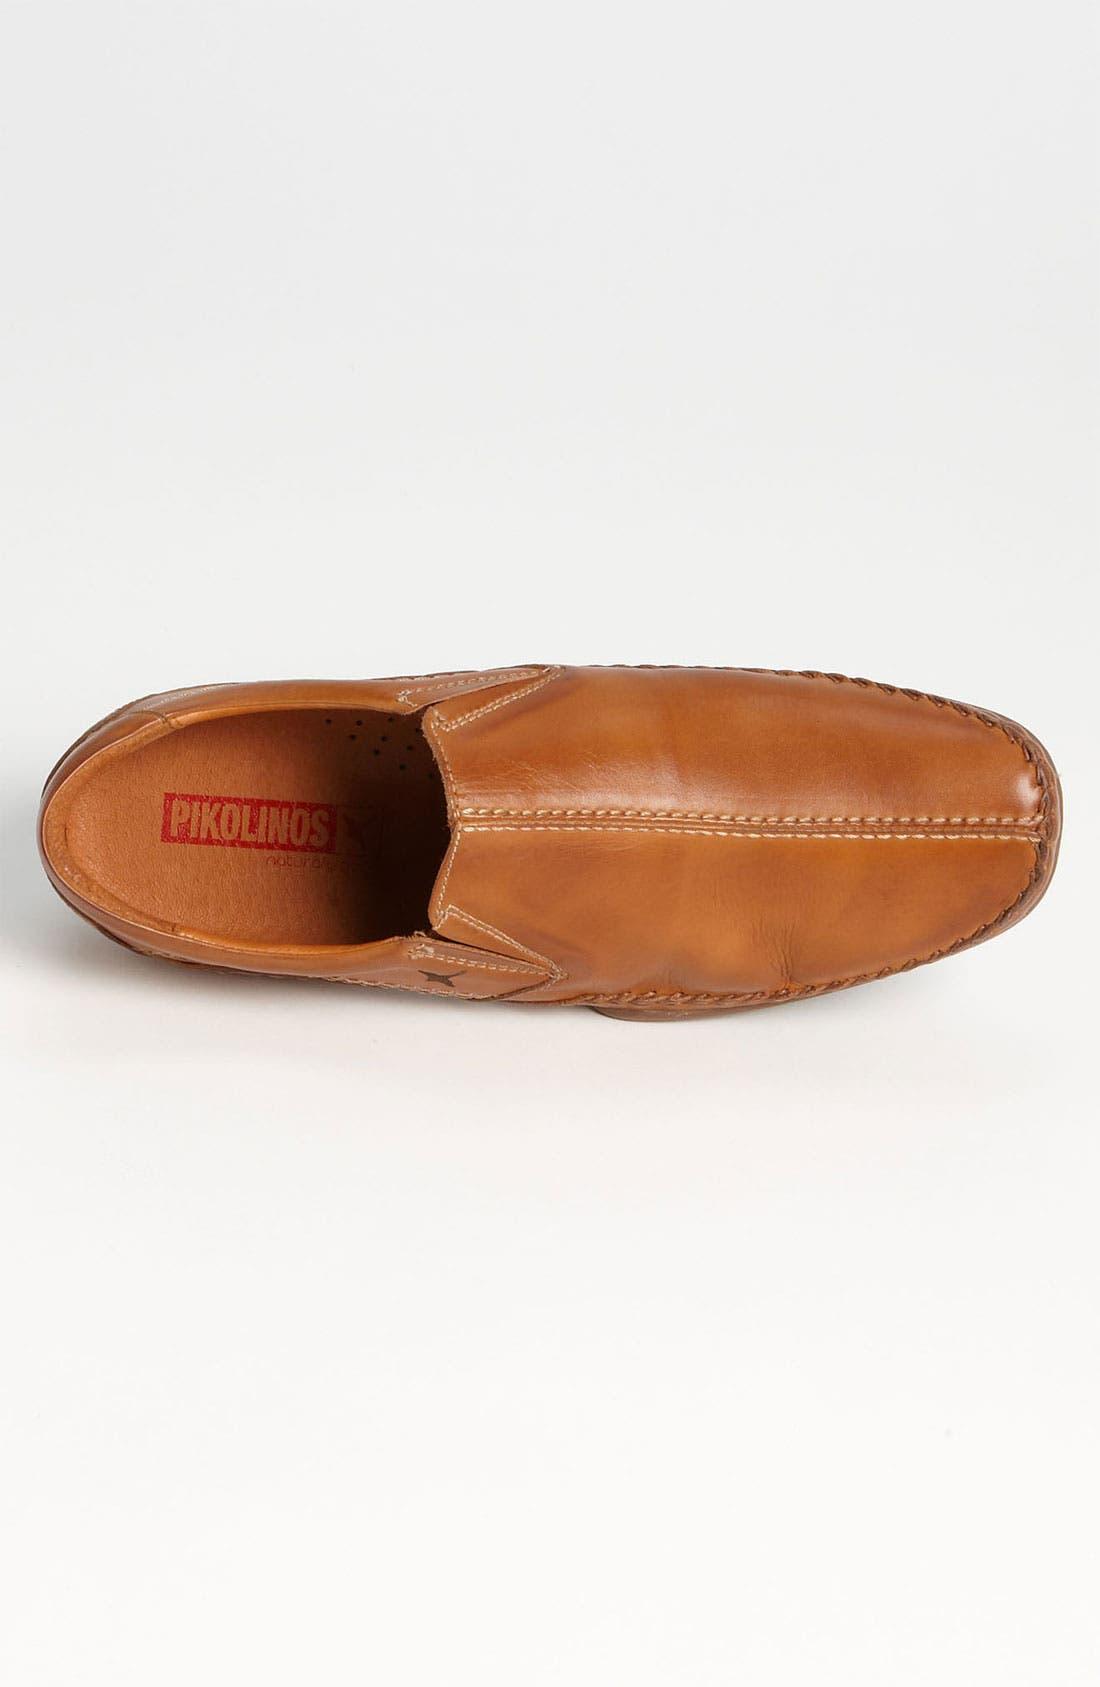 Alternate Image 3  - PIKOLINOS 'Puerto Rico' Loafer (Men)